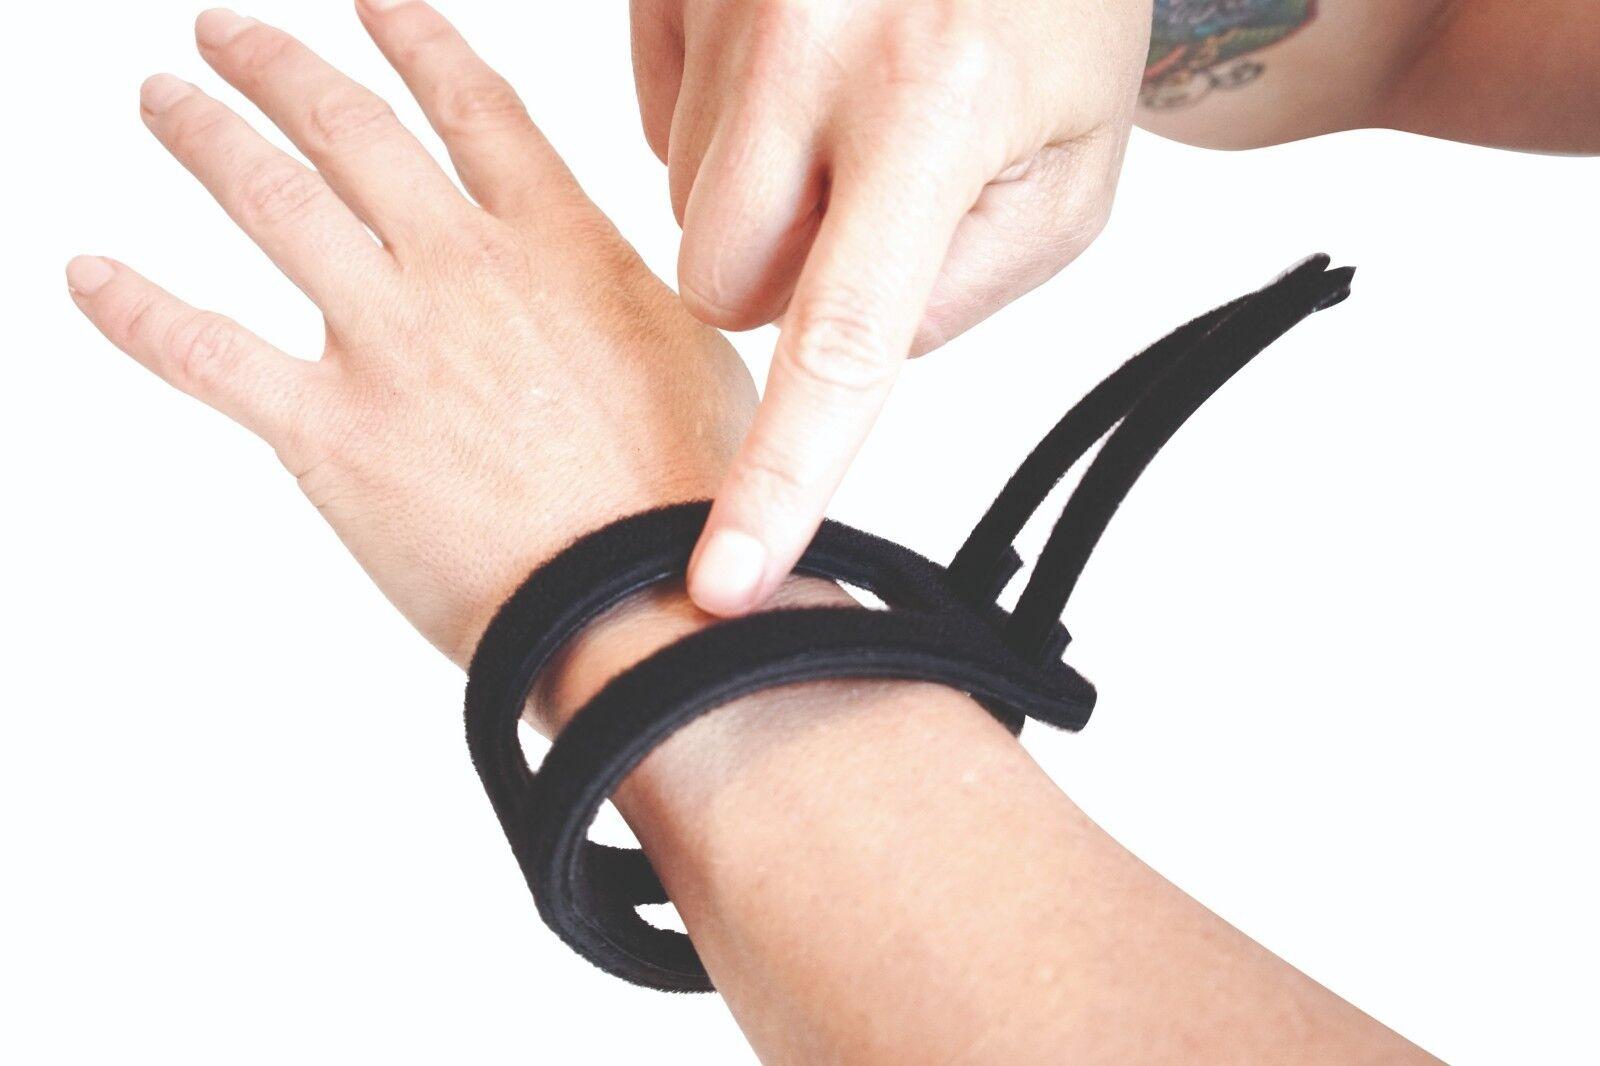 2 x WristWidget® TFCC brace. Ontworpen om TFCC gerelateerde pijn te verminderen.